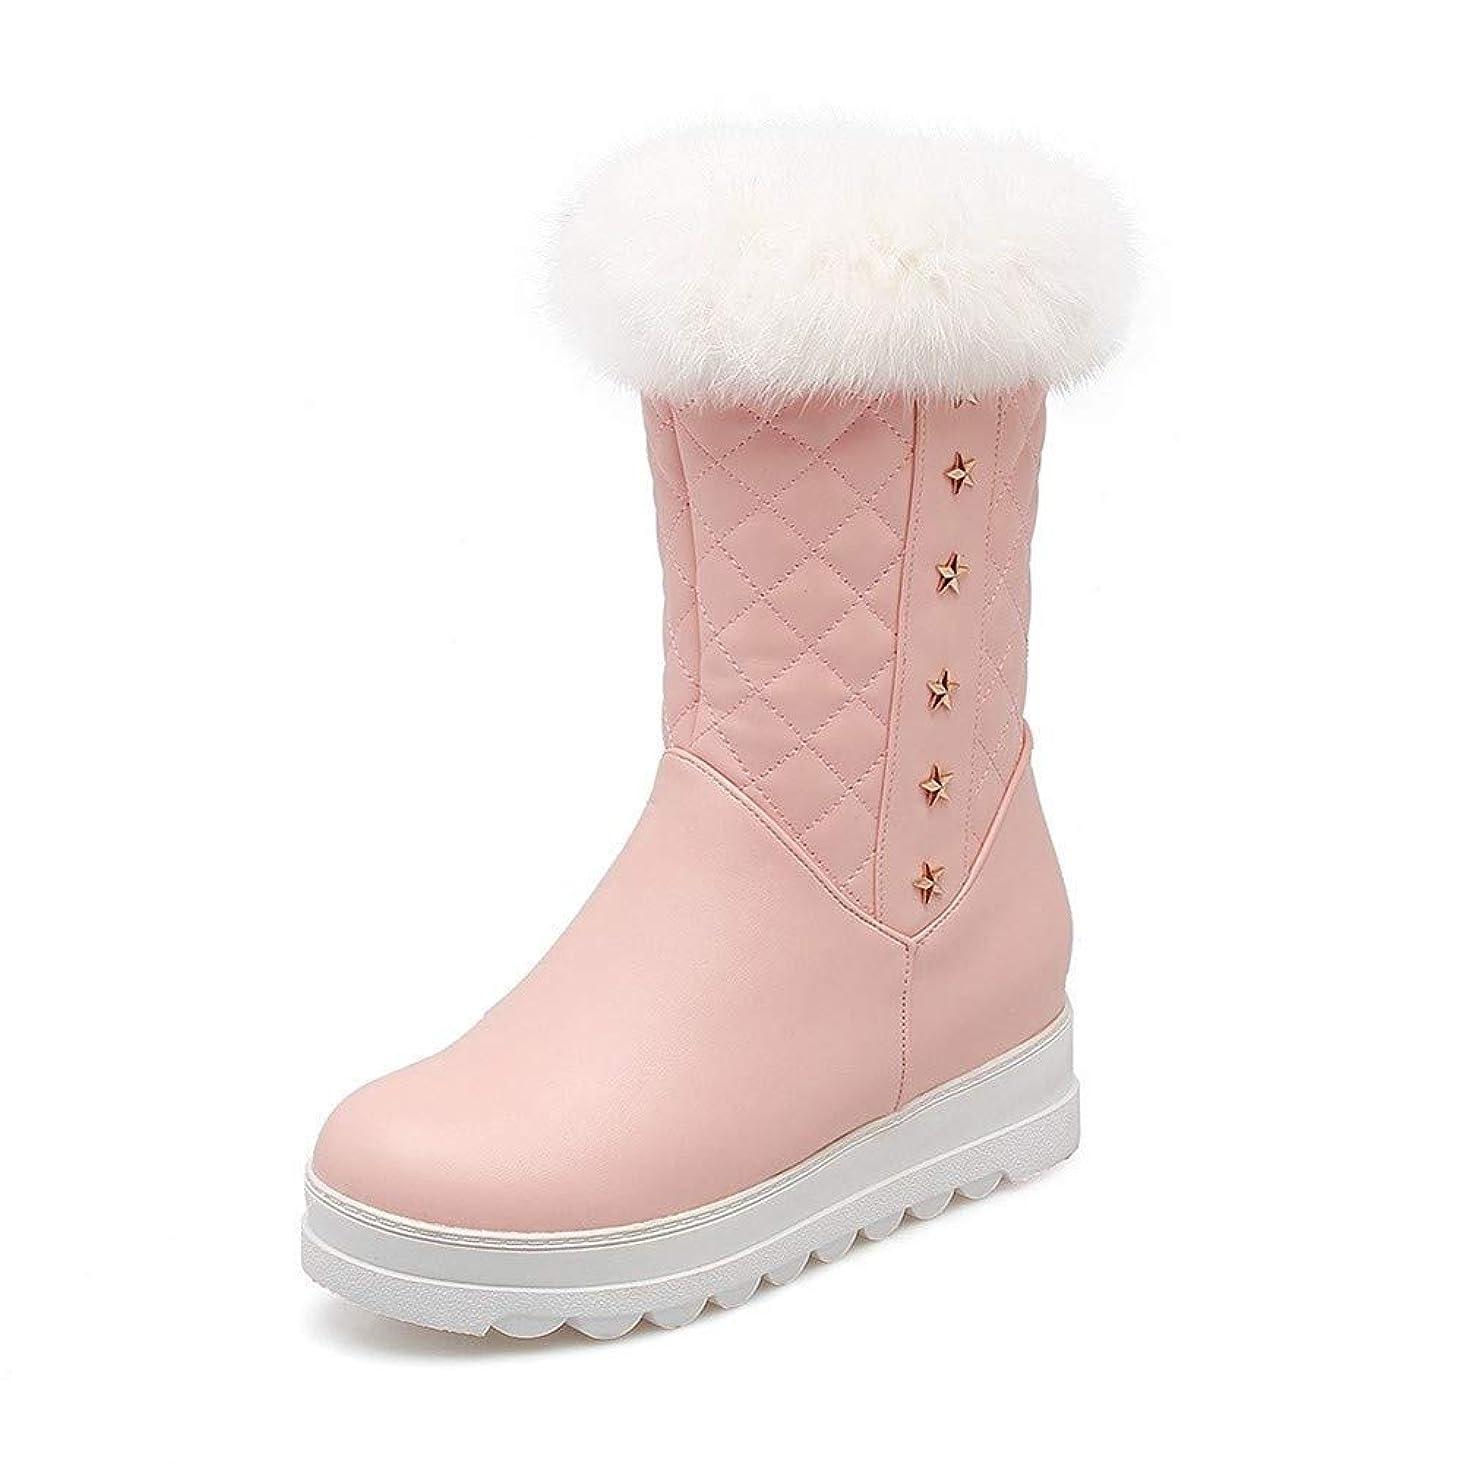 メディック雄大な習字人工皮革のための女性ジッパーのための雪のブーツは、快適なフェイクファーの裏地アウトドアシューズノンスリップ暖かい寒い天気の靴をトレッキング (色 : ピンク, サイズ : 23 CM)